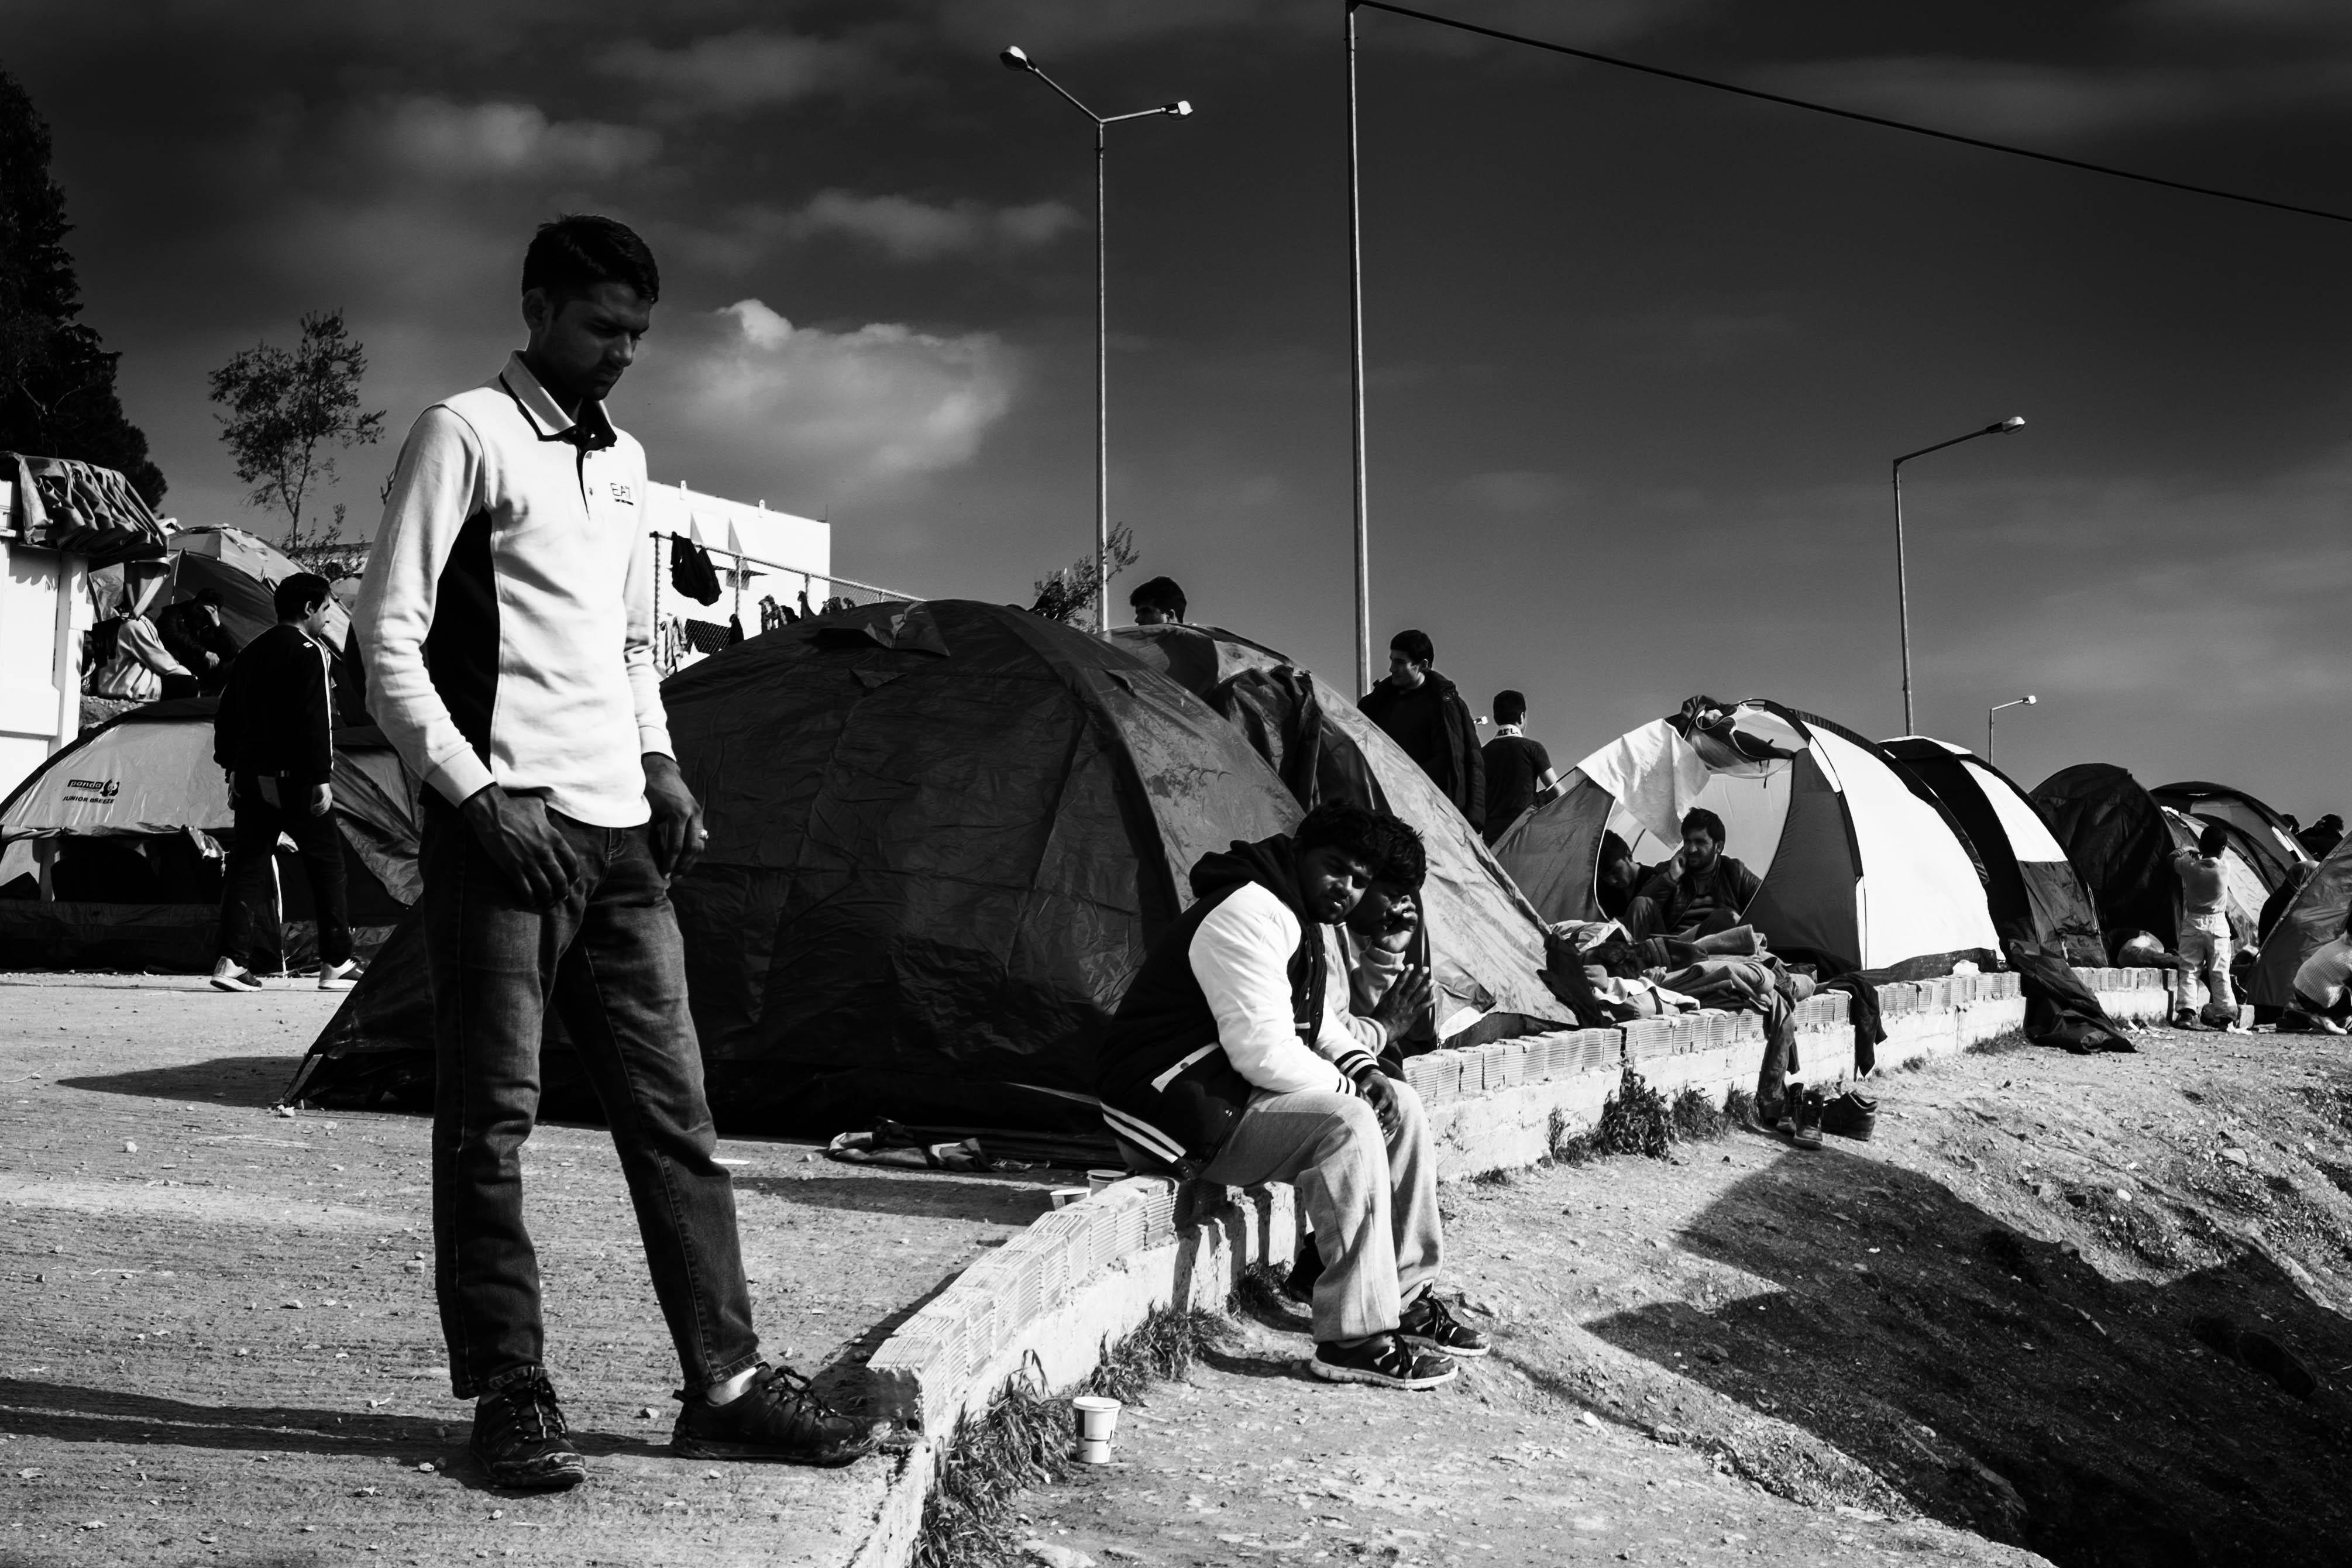 Des réfugiés dans le camp de Moria sur l'île de Lesbos le 30 janvier 2016 © Martin Leveneur